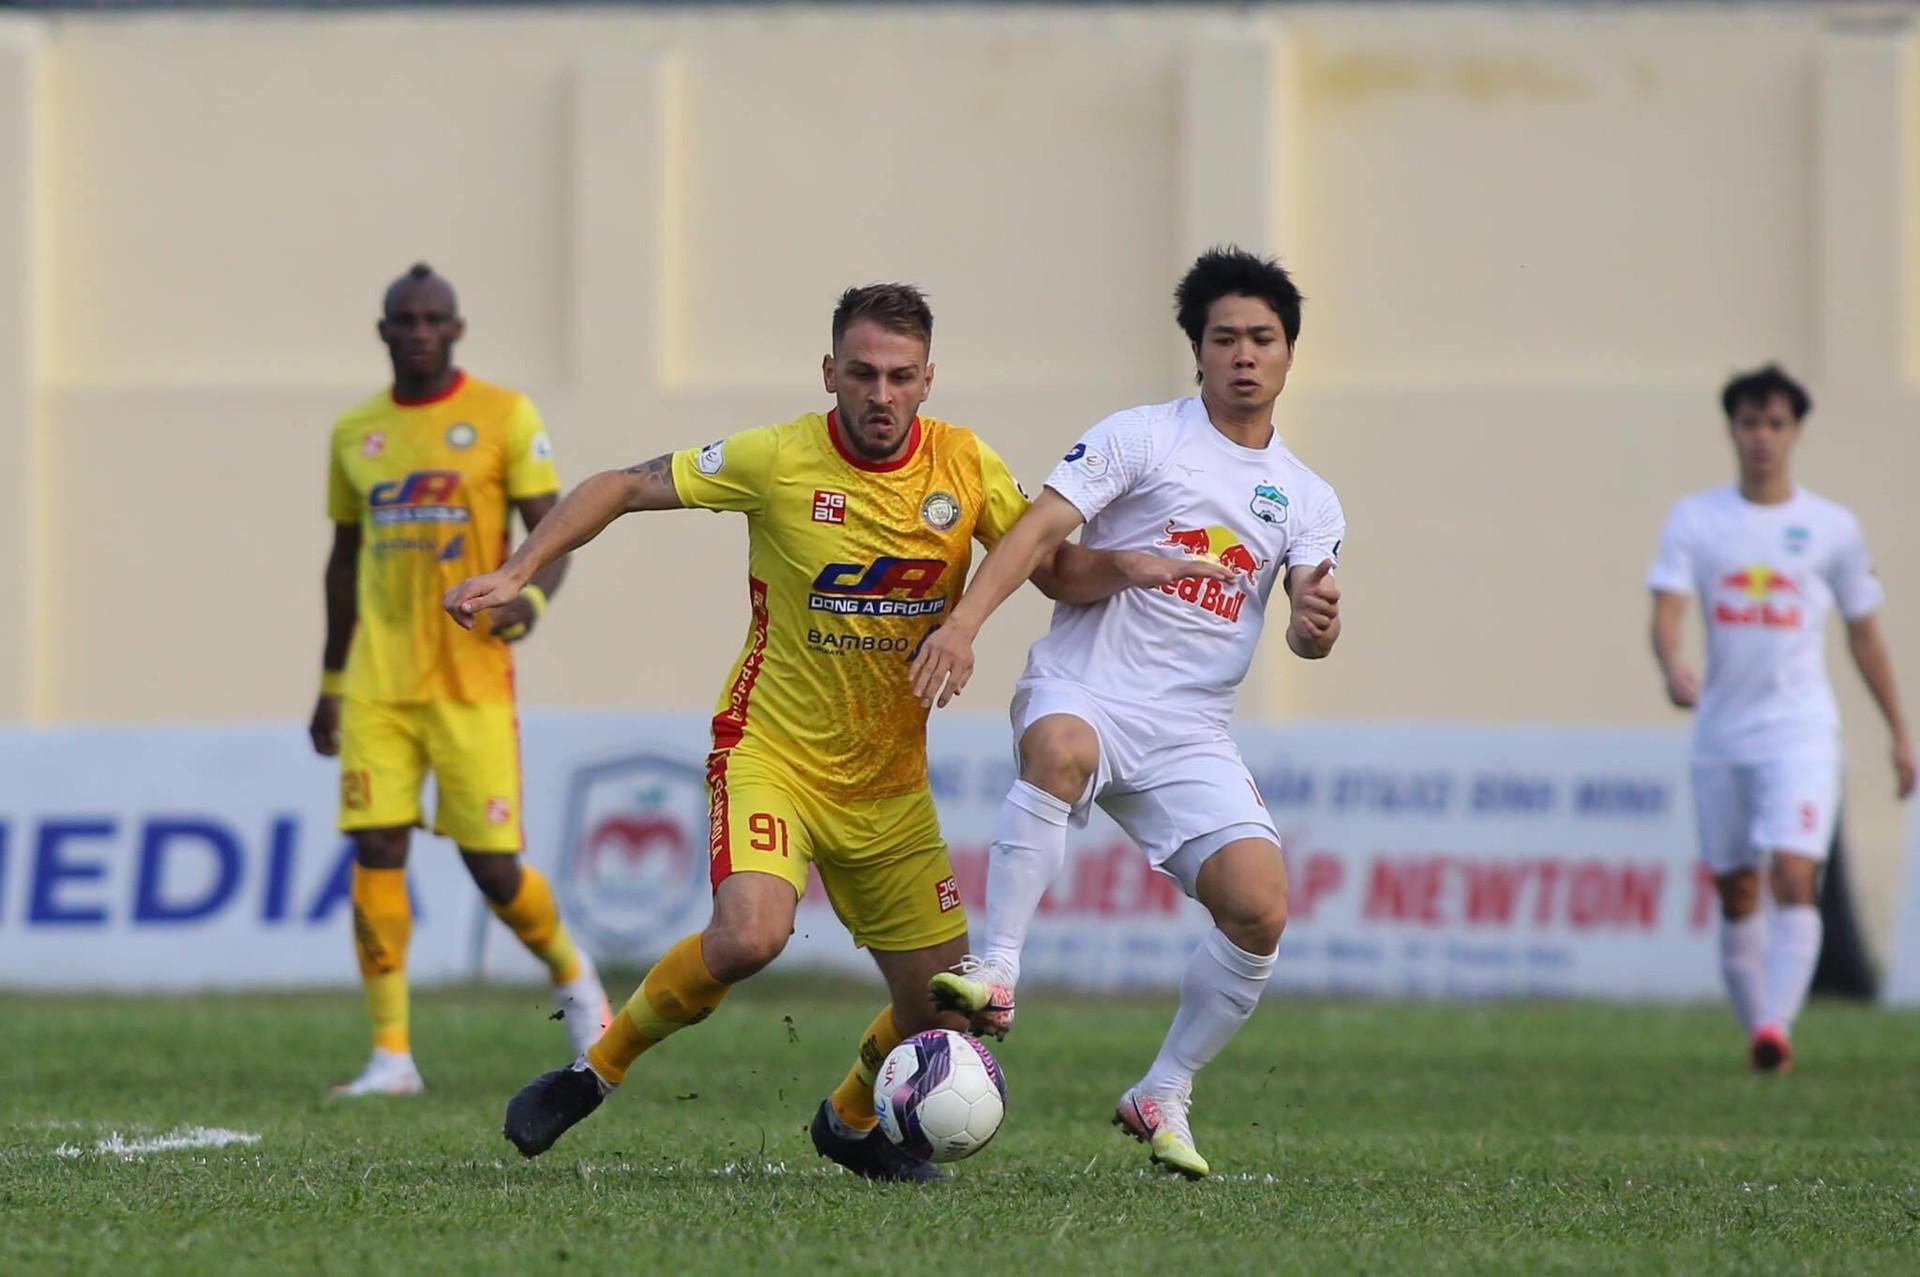 V-League nguy cơ hoãn sang năm 2022: Đừng để đứt gãy bóng đá Việt Nam  - 3